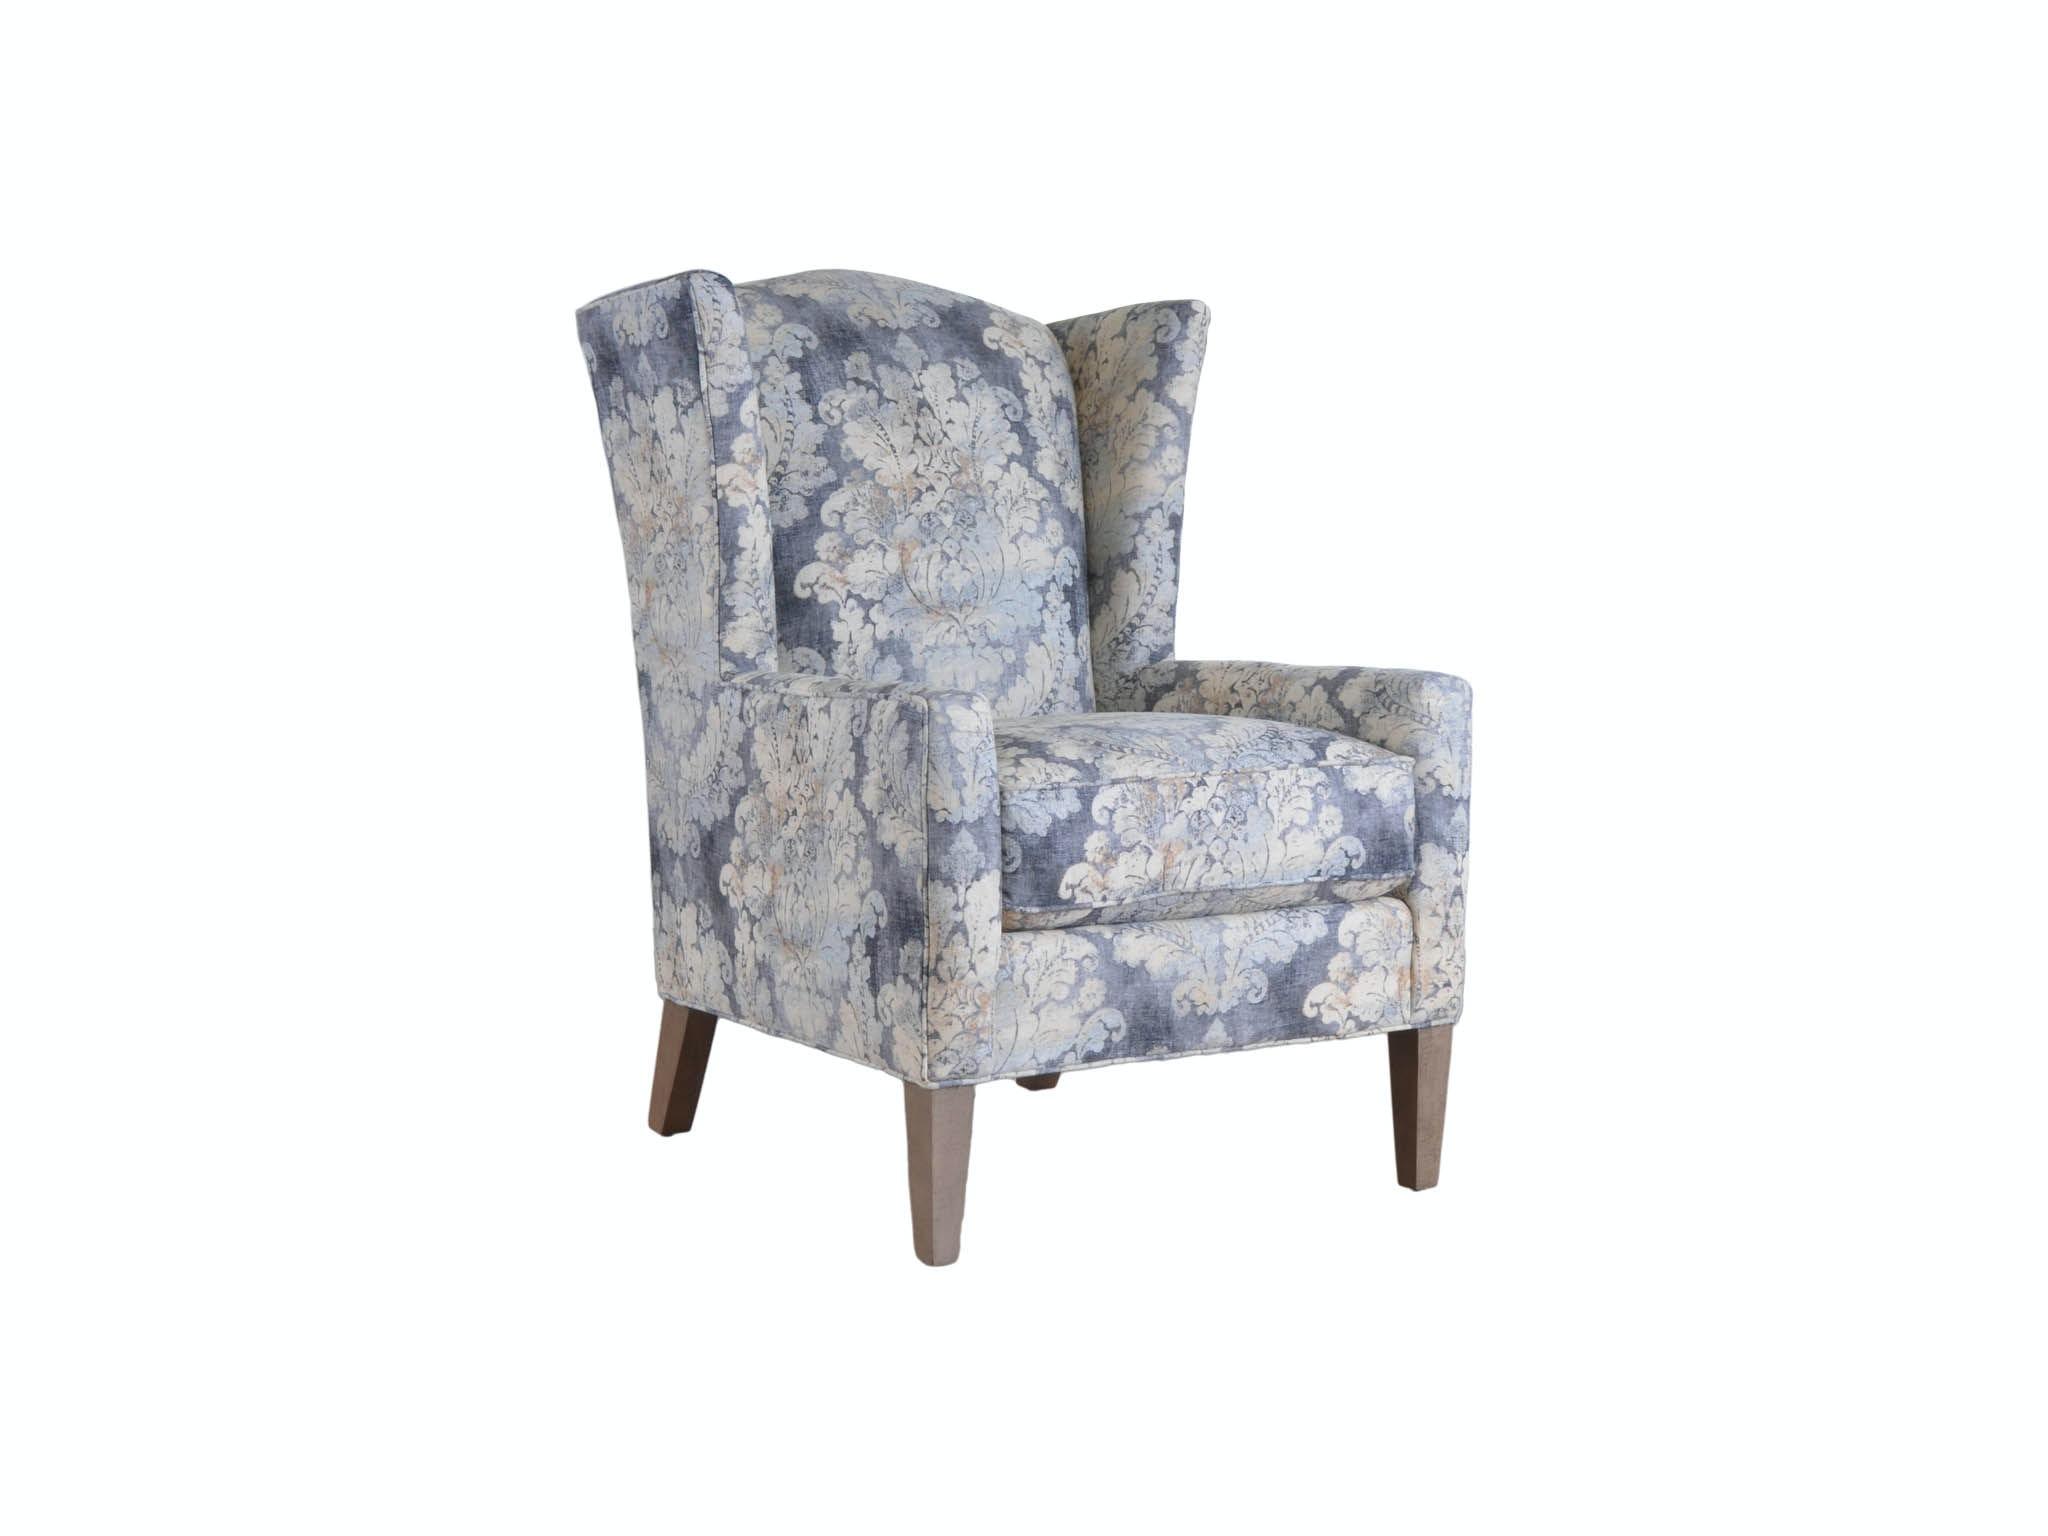 032410. Chair